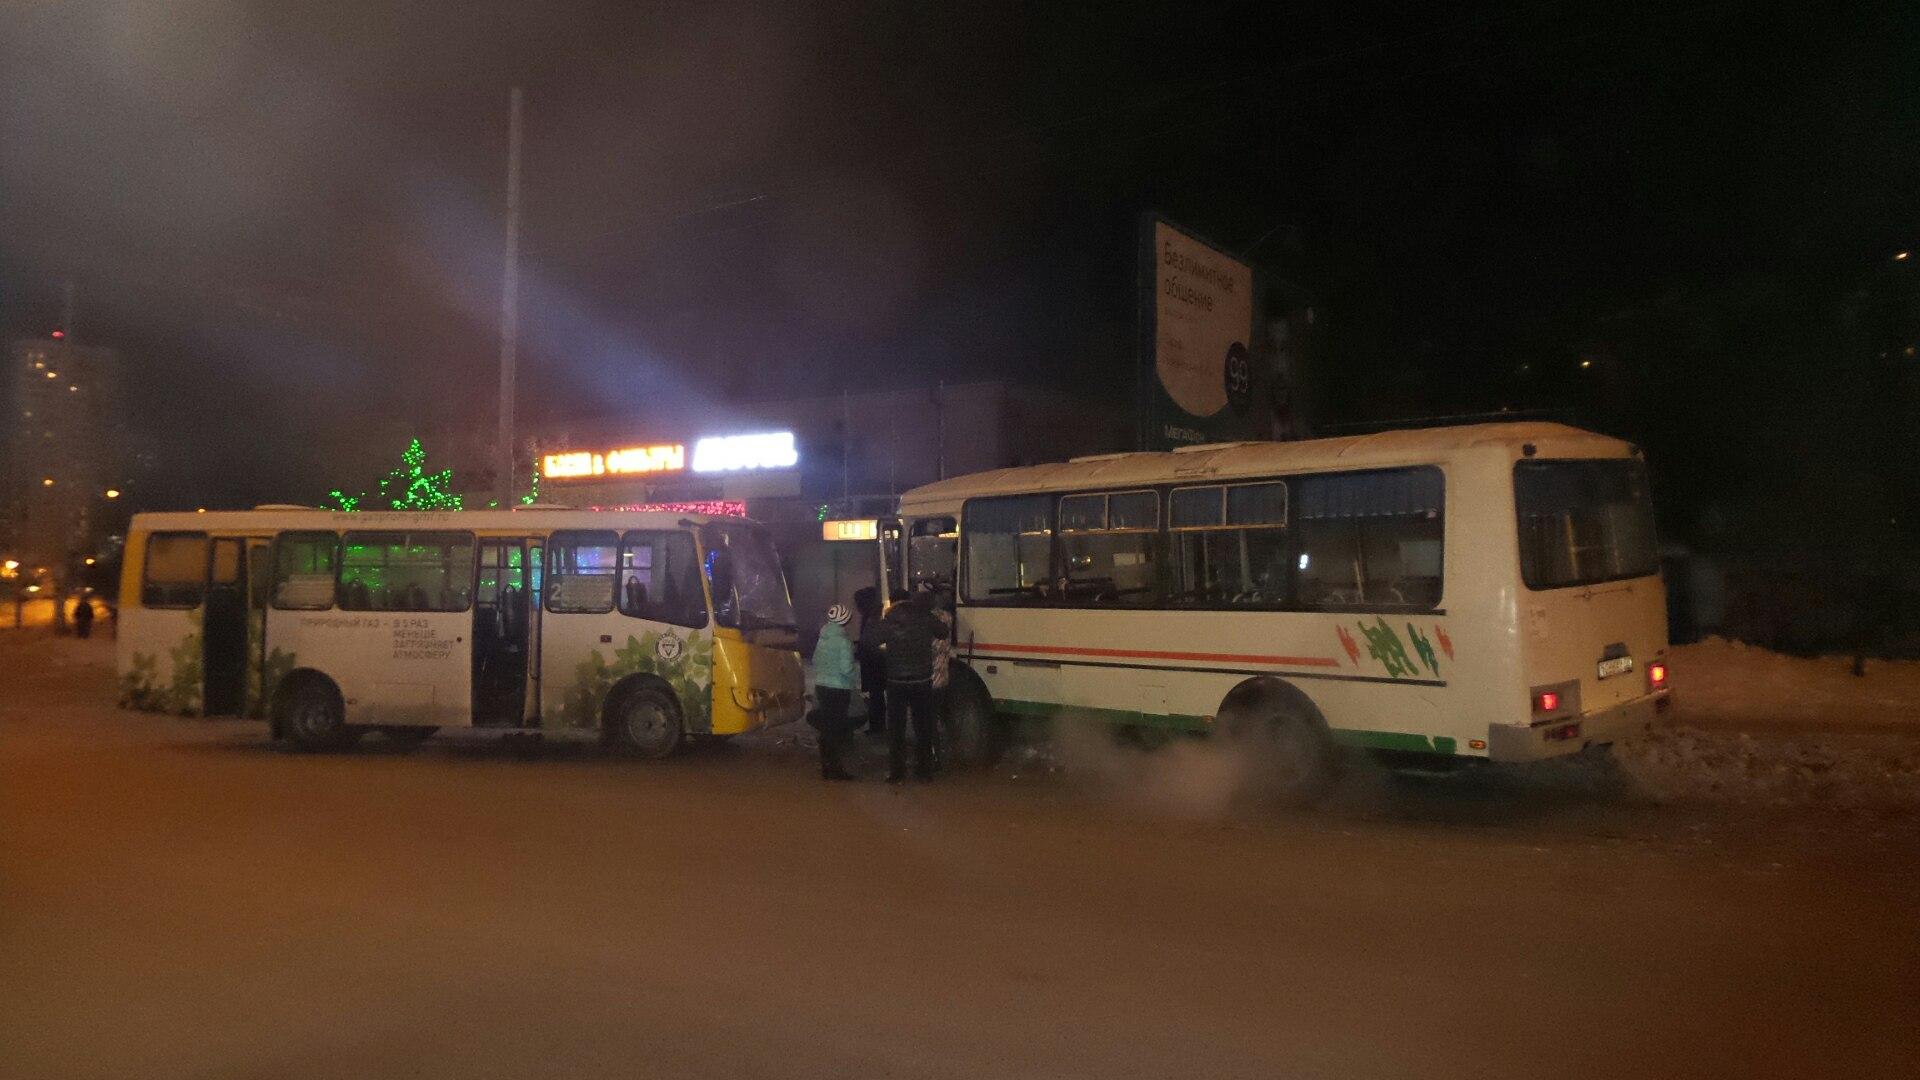 Два заполненных пассажирами автобуса лоб в лоб столкнулись на Крестинского